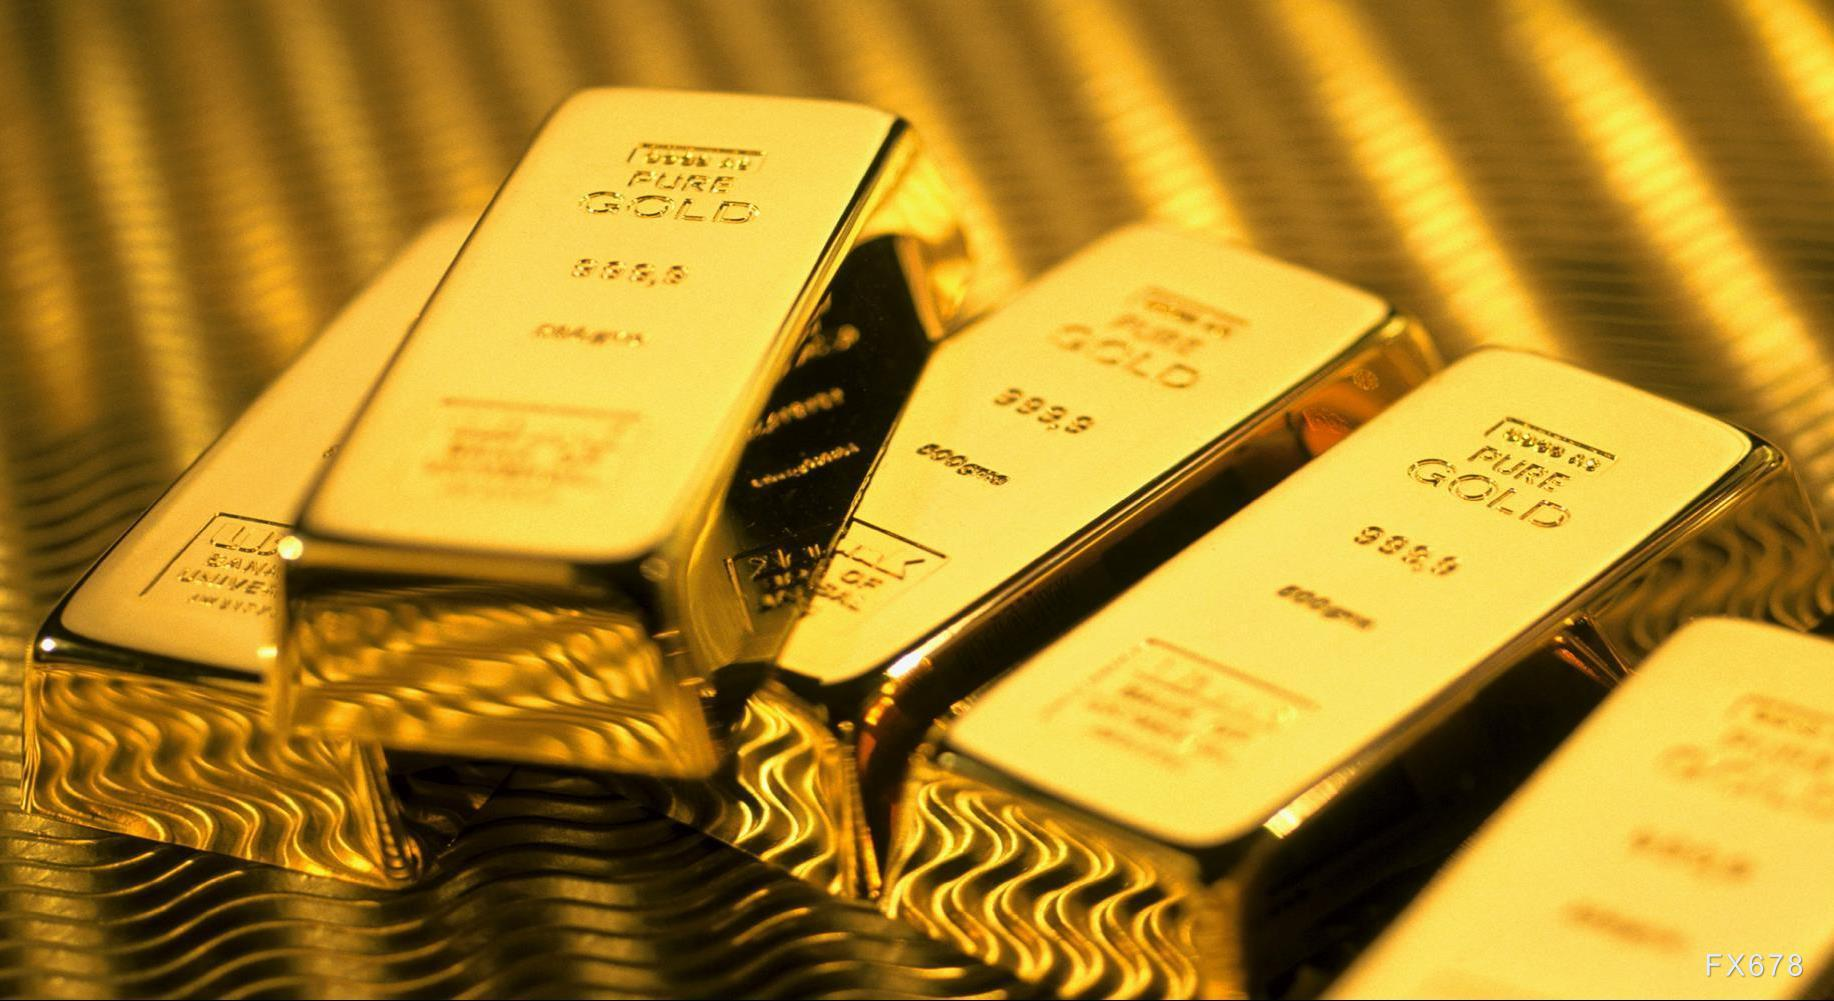 摩臣5注册黄金交易提醒:美元大幅回调金价暴力拉升,日内或挑战千八大关